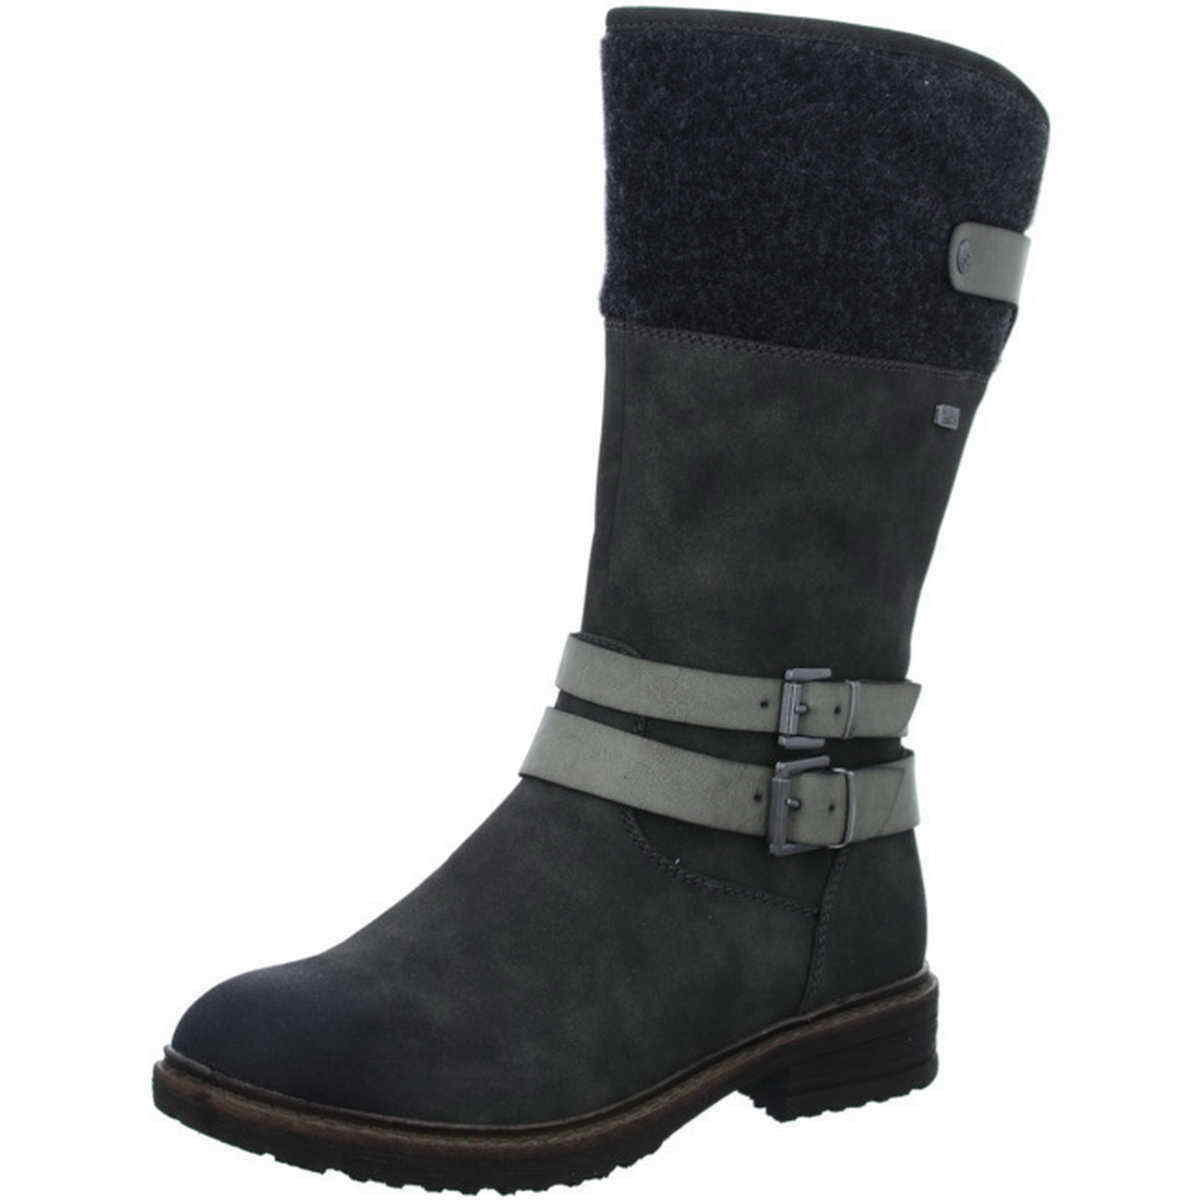 Rieker Stiefel 94772 45 anthrazit grau Warm Tex wasserdicht Reißverschluß